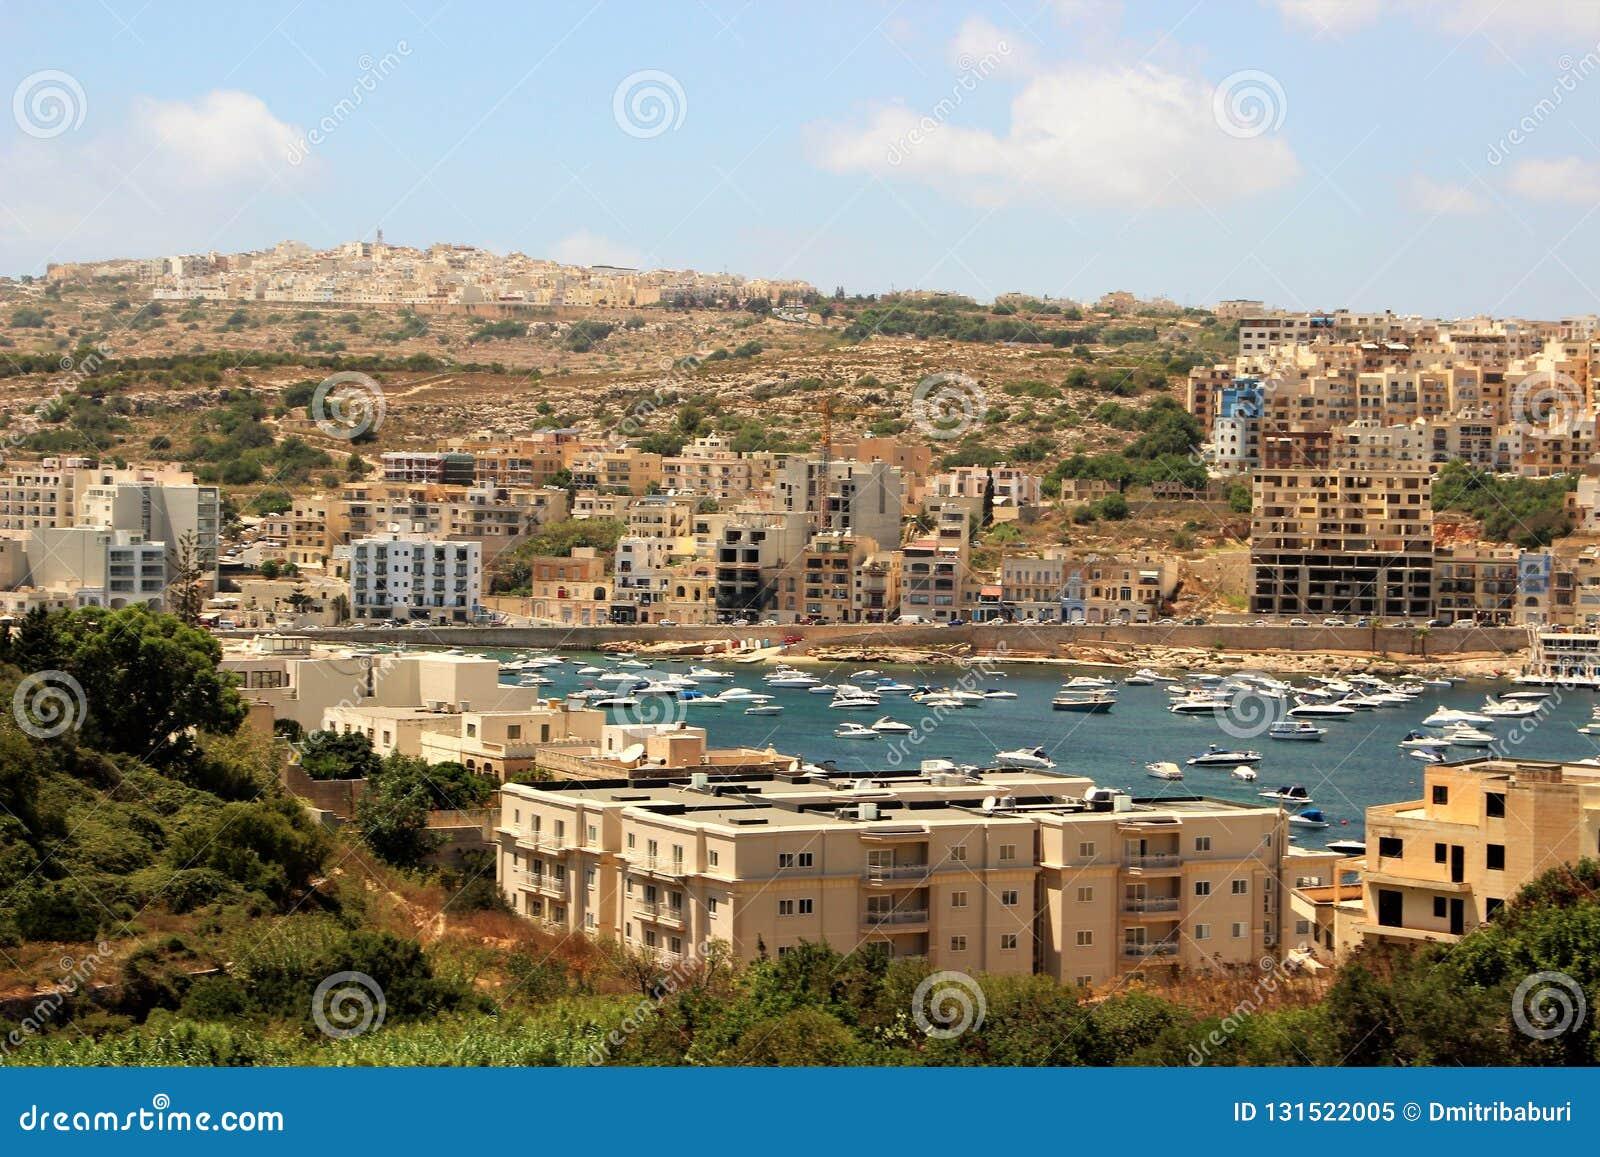 海边度假胜地的美丽的景色马耳他海岛的一角的